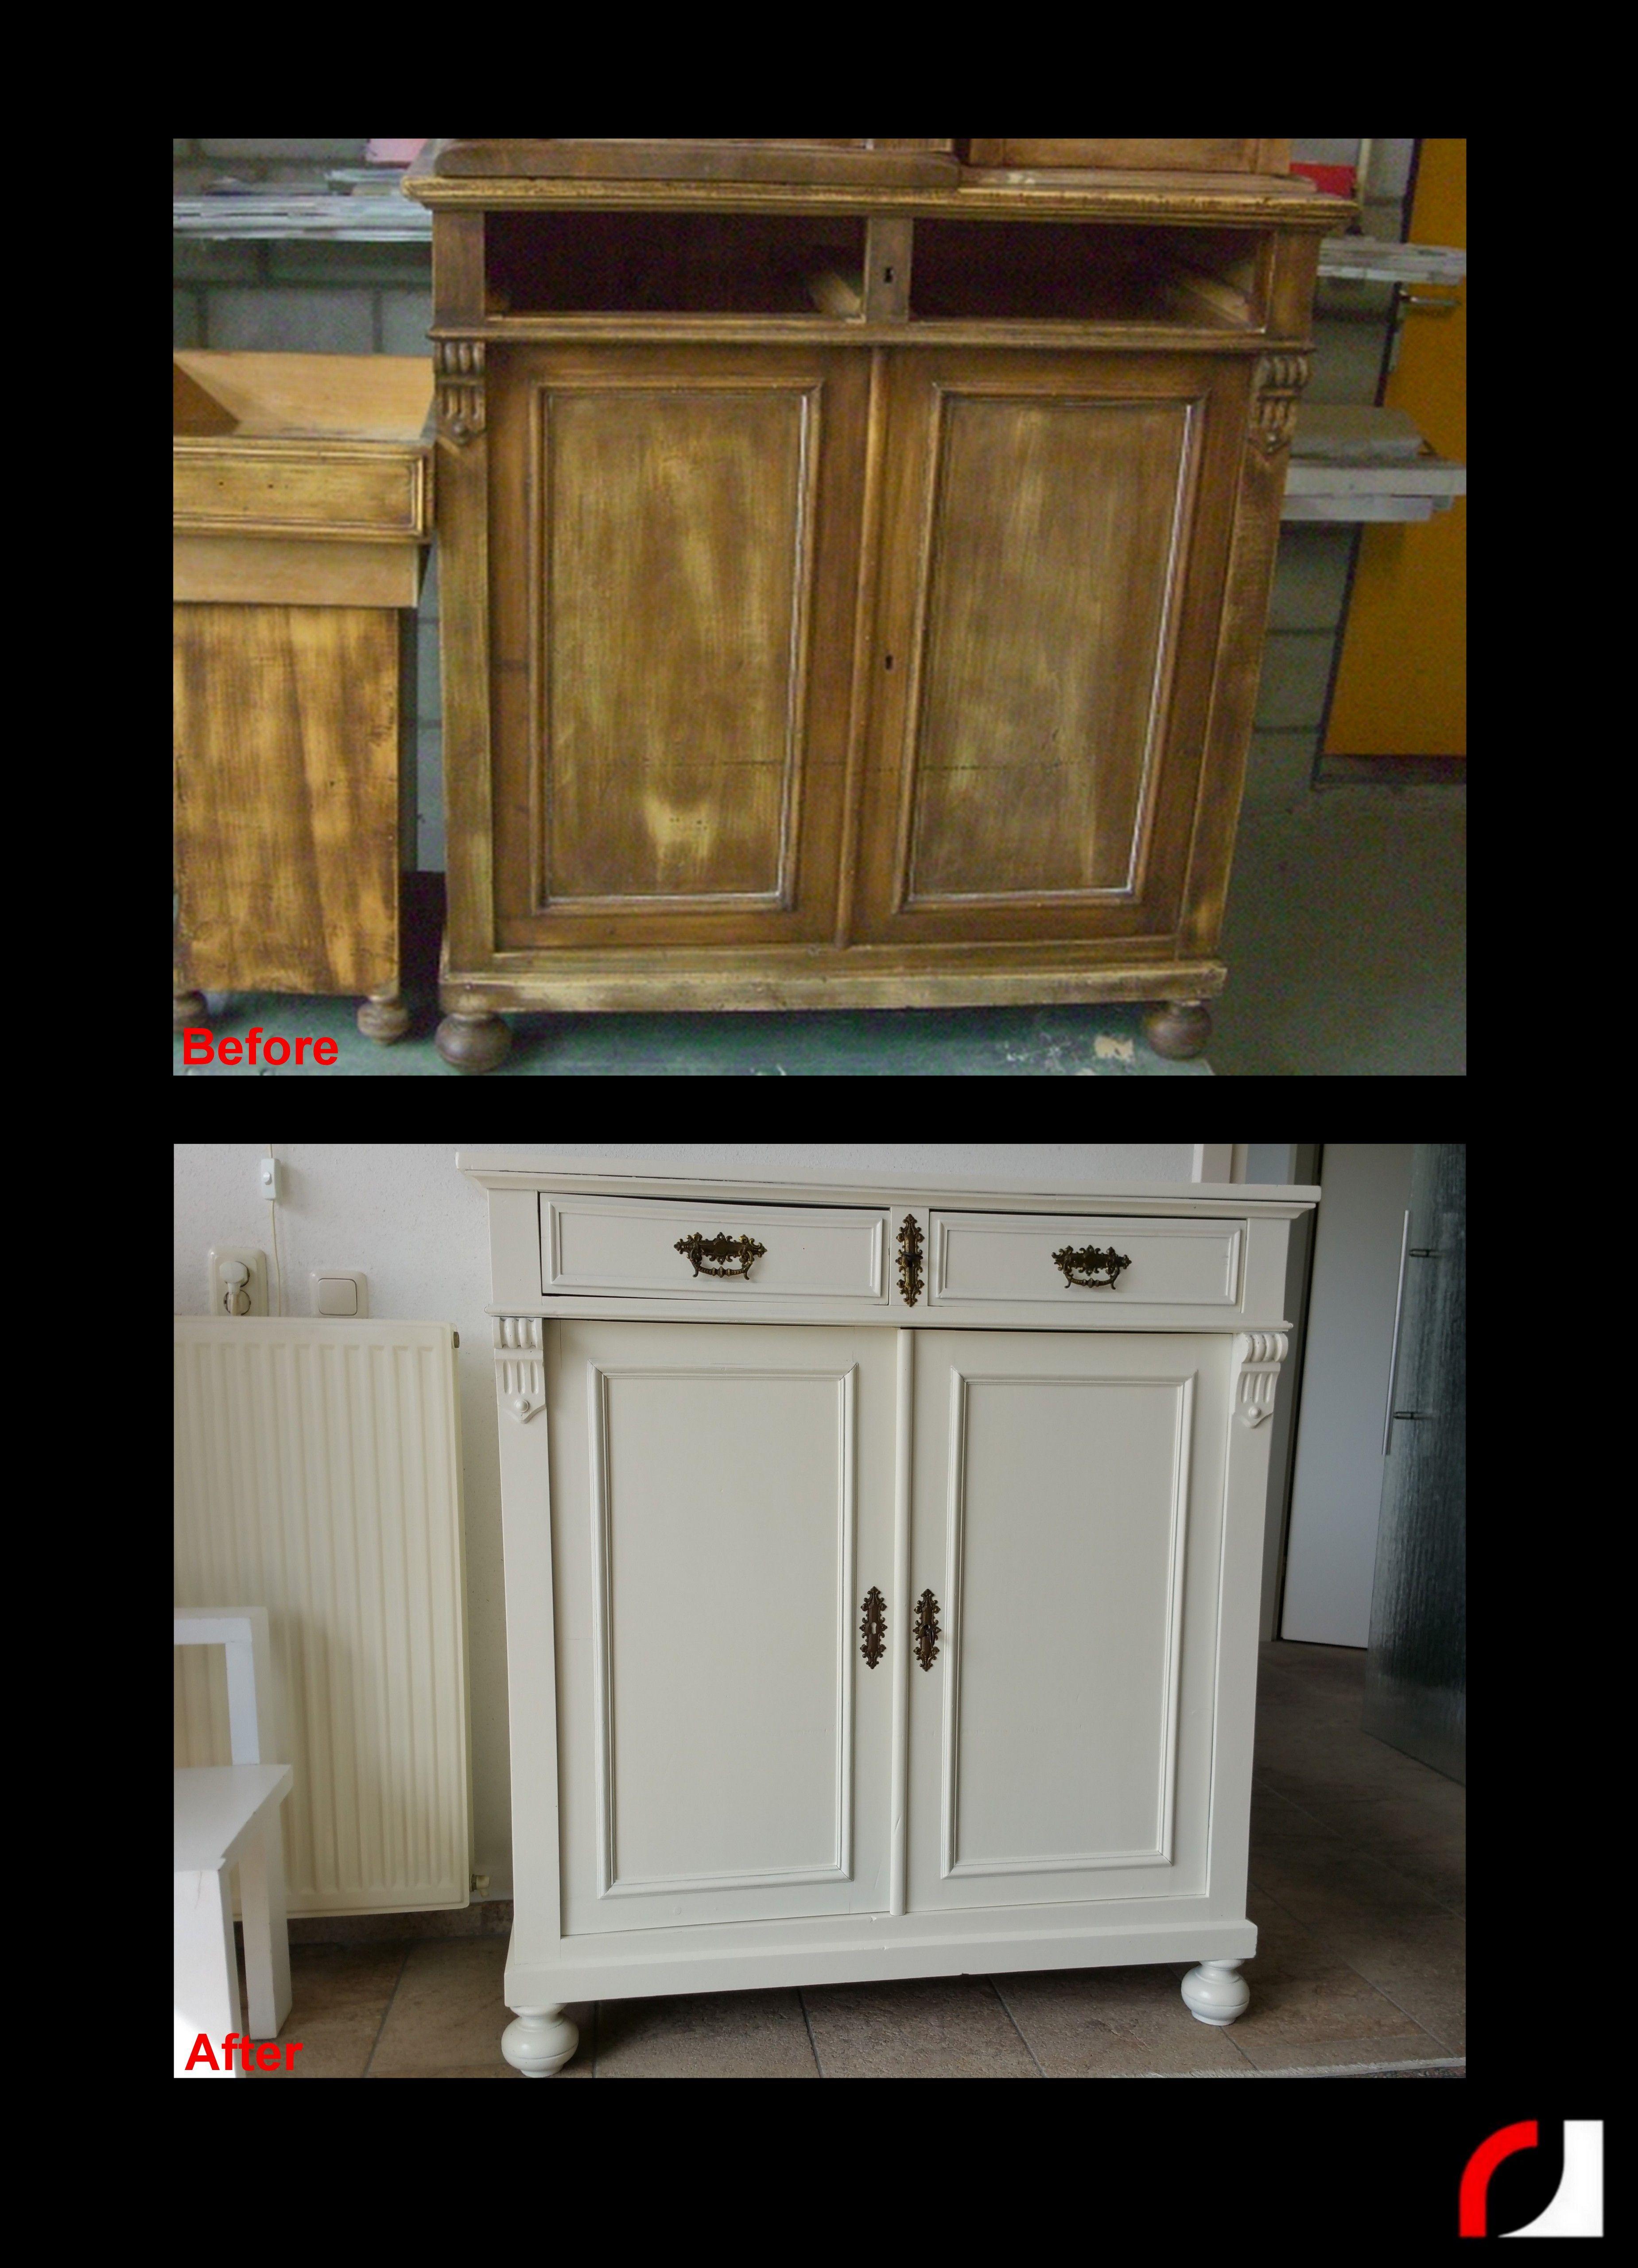 oude meubels passen heel mooi in moderne interieurs oude meidenkast wit gespoten spuiterij with oude meubels opknappen